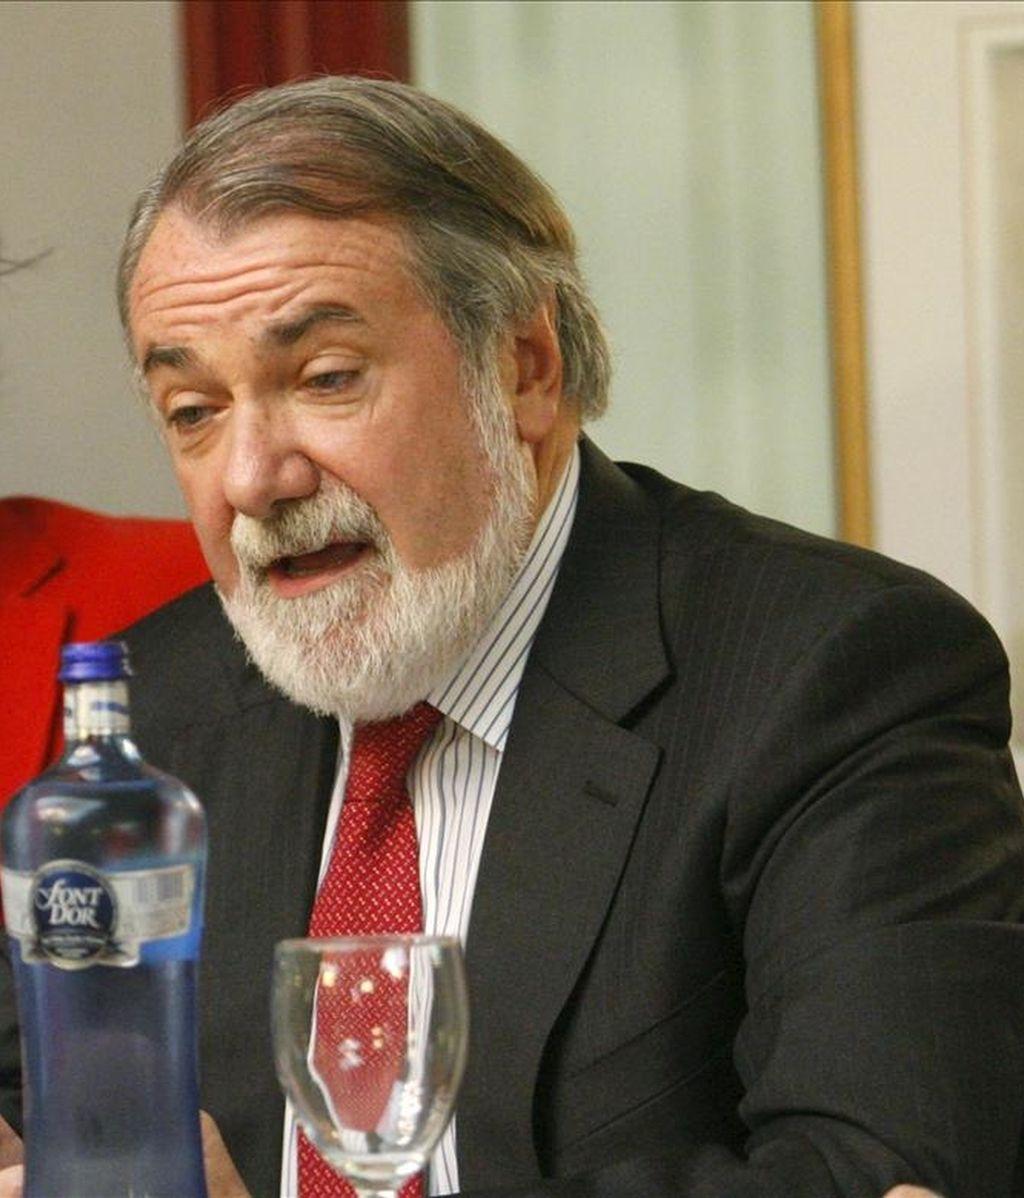 El eurodiputado del PP y exministro del Interior Jaime Mayor Oreja. EFE/Archivo